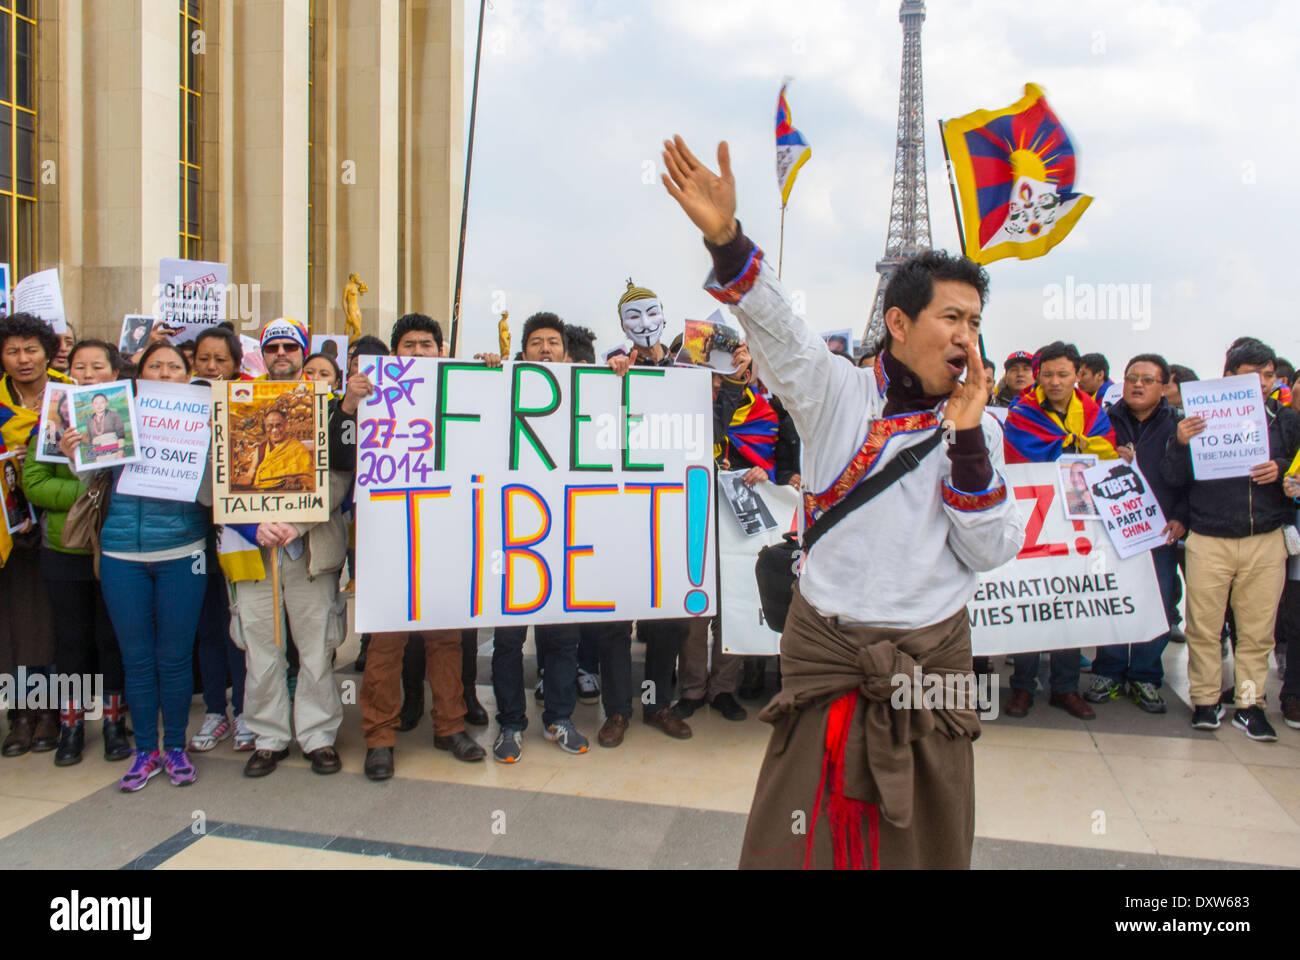 Die Menge von Tibetern, Taiwanesen, ethnischen Gemeinschaften Frankreichs, Migranten und Freunden forderte französische Bürger auf, während des Besuchs des chinesischen Präsidenten in Paris zu mobilisieren, wobei Protestschilder und Flüchtlinge Männer angebracht wurden Stockfoto